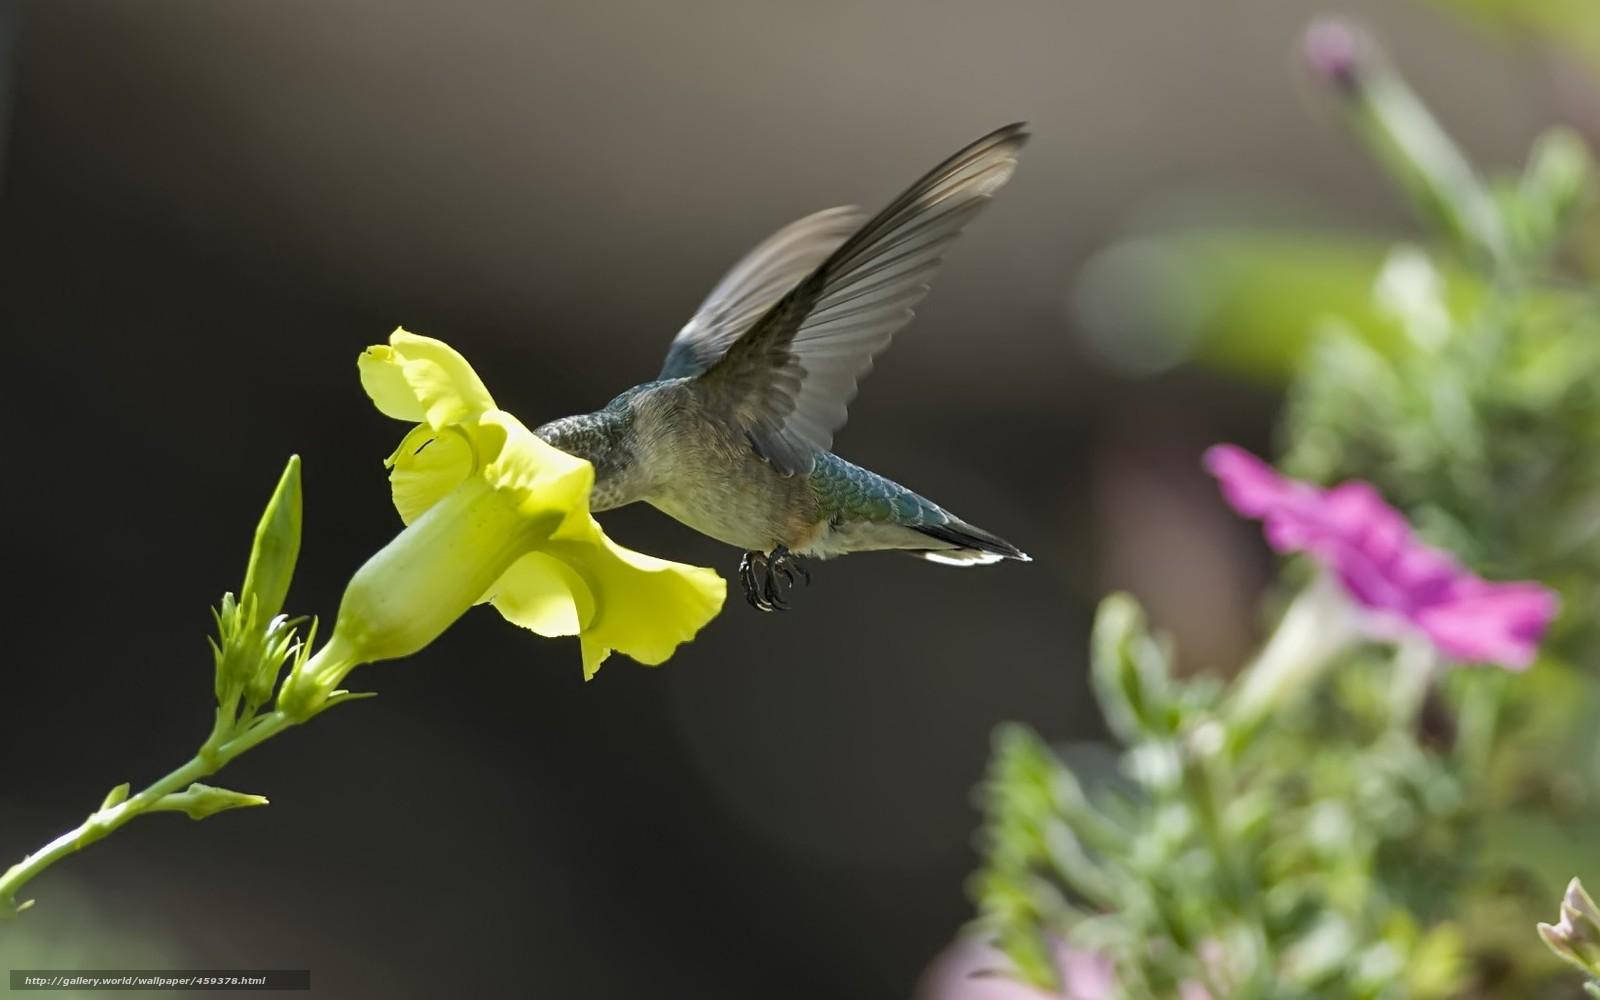 Скачать обои колибри,  цветок,  желтый,  петуния бесплатно для рабочего стола в разрешении 1680x1050 — картинка №459378